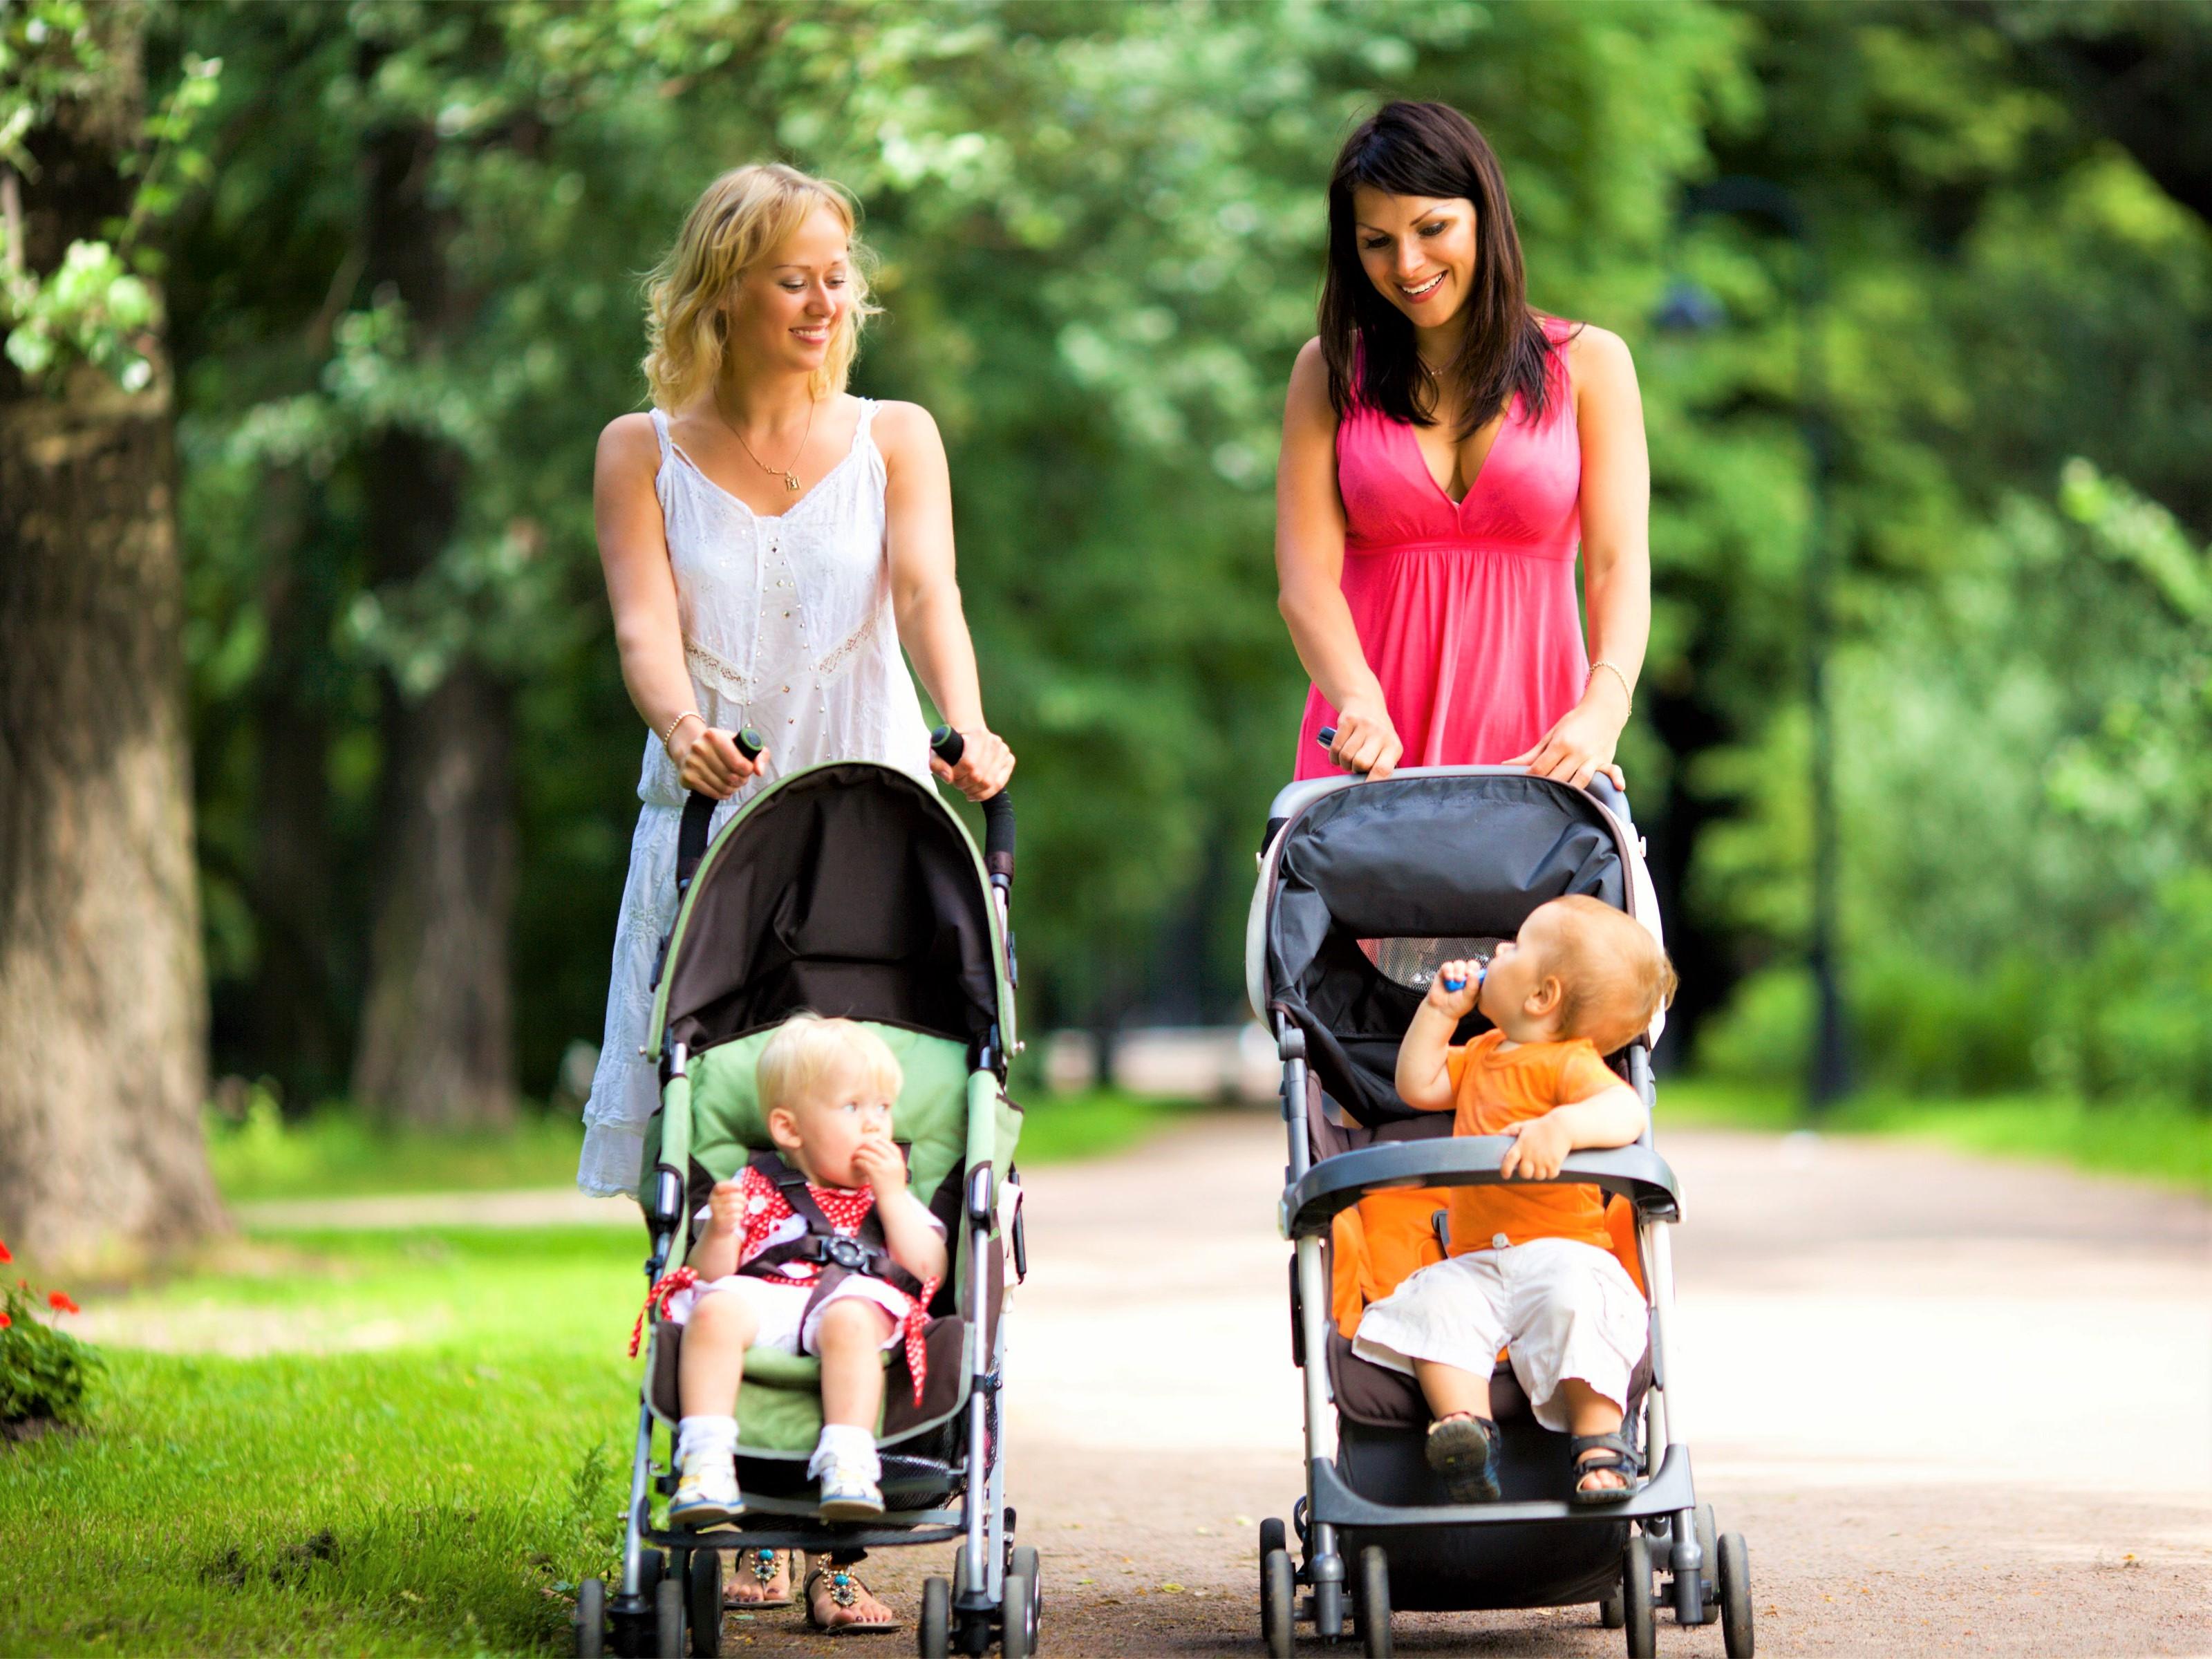 Как платятся алименты на двоих детей от разных браков